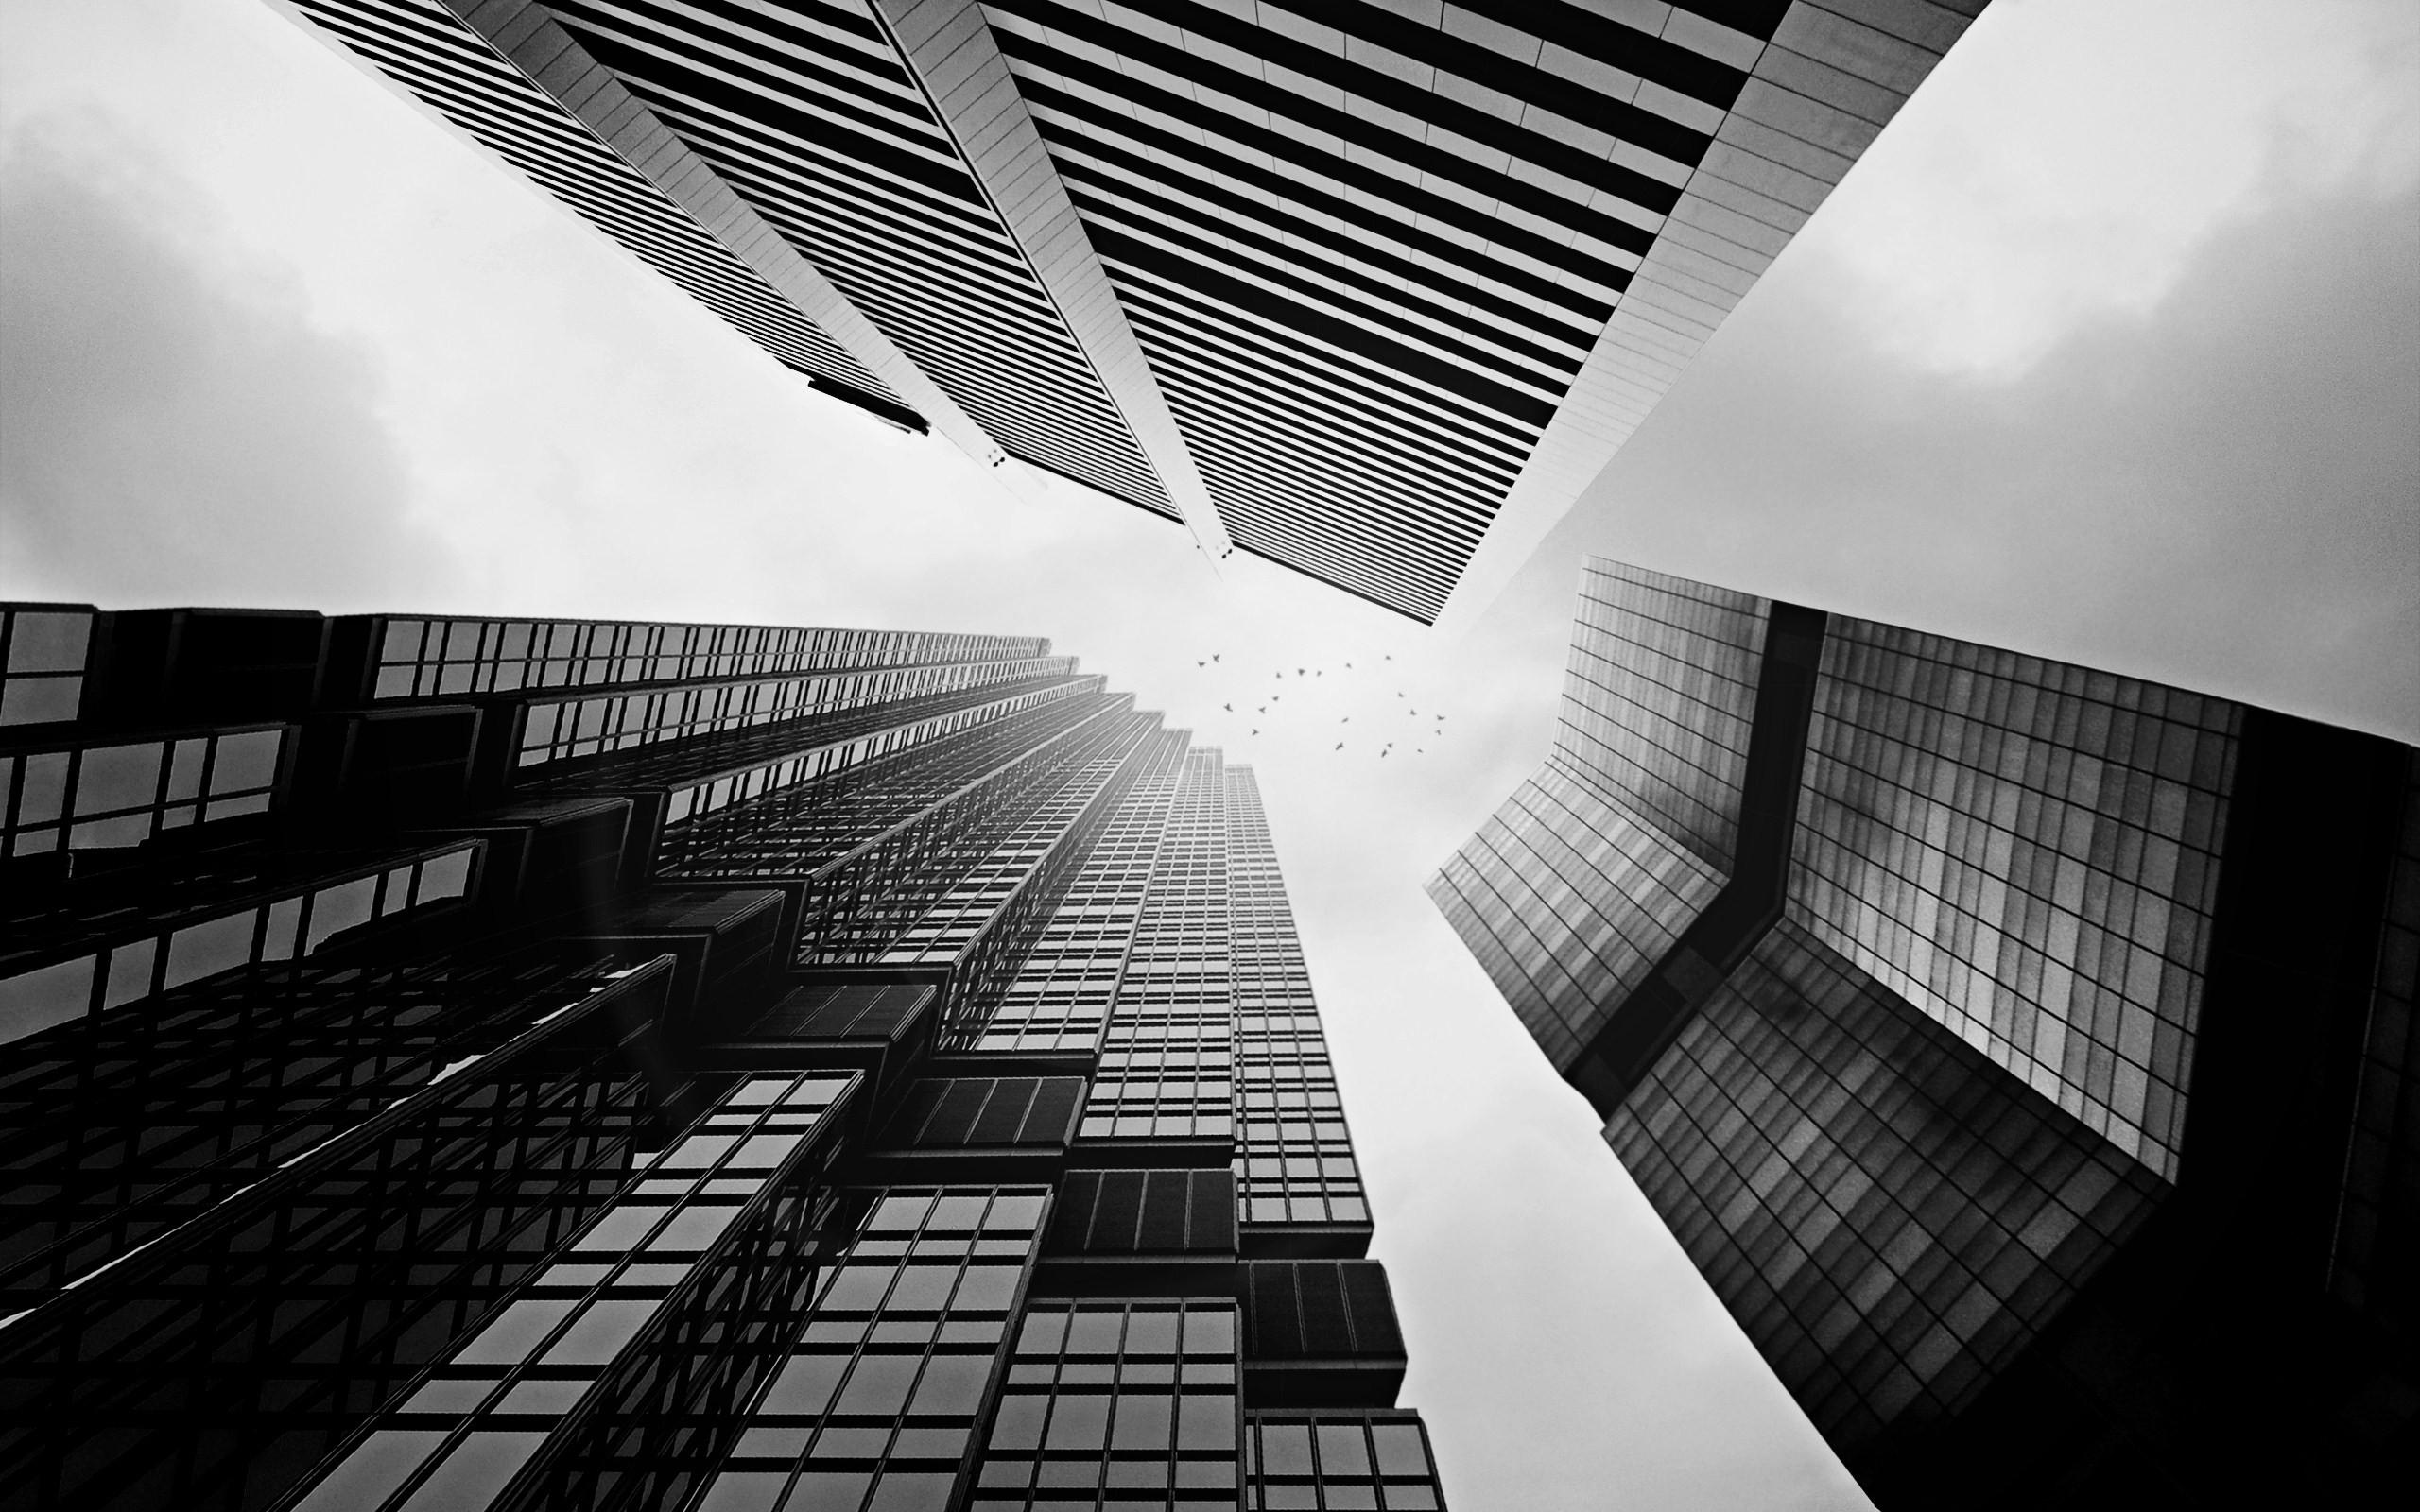 Fondos de pantalla monocromo ciudad paisaje urbano for Arquitectura en linea